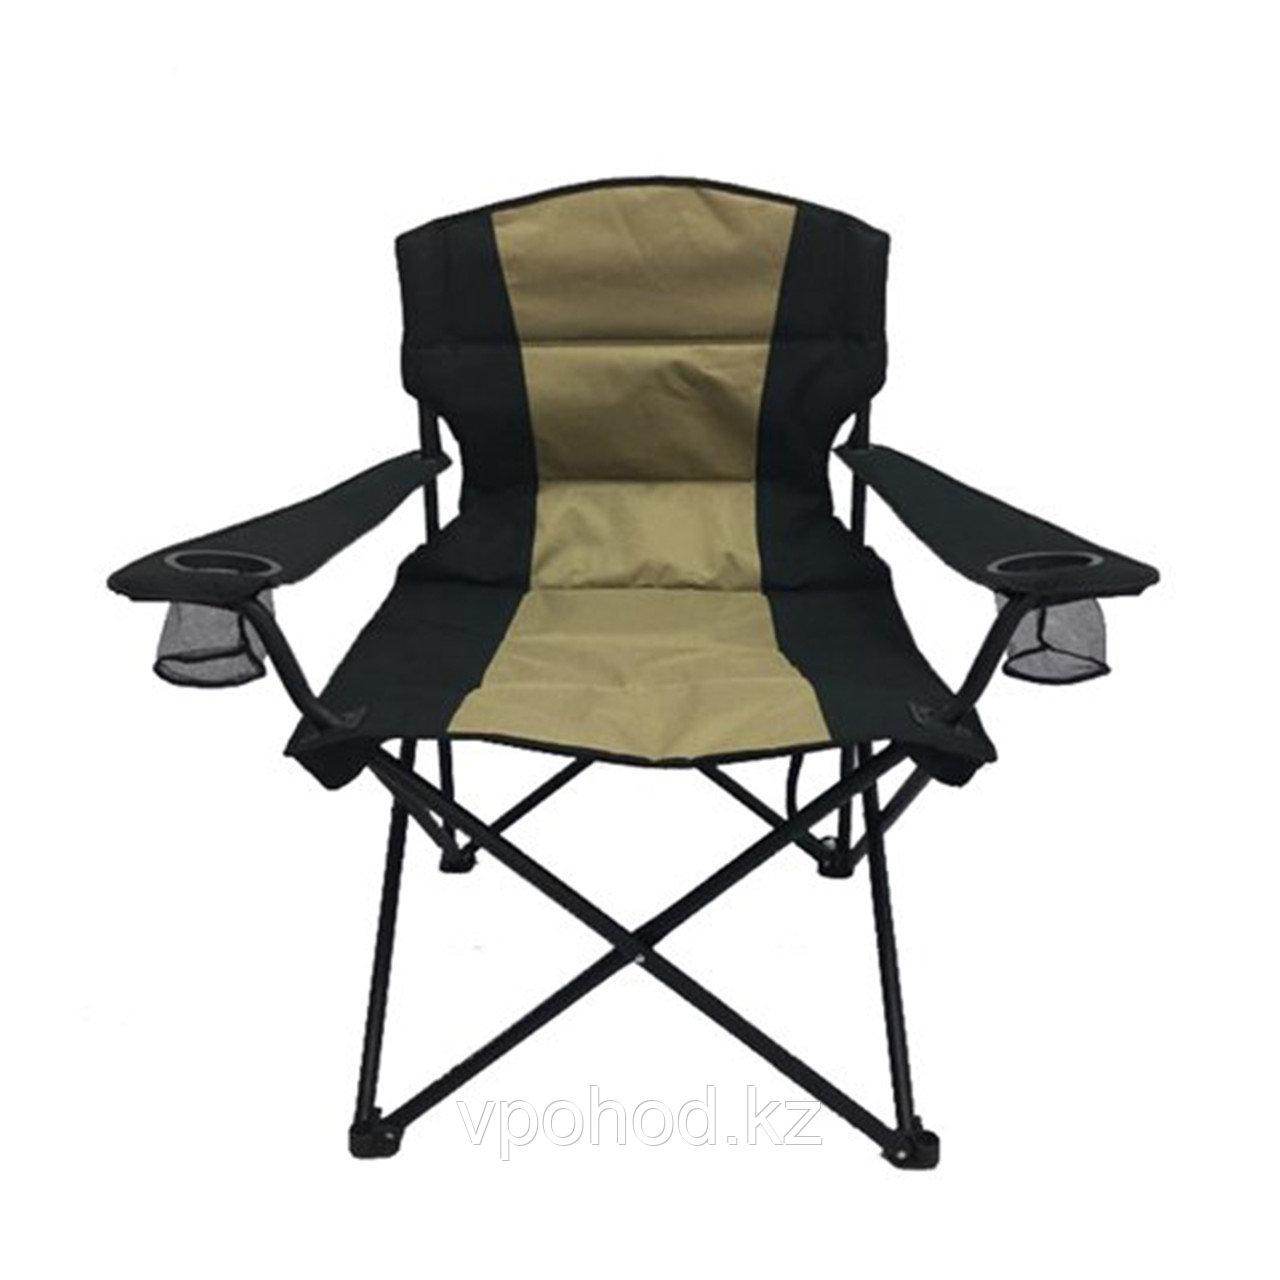 Кресло складное OZARK TRAIL до 200кг